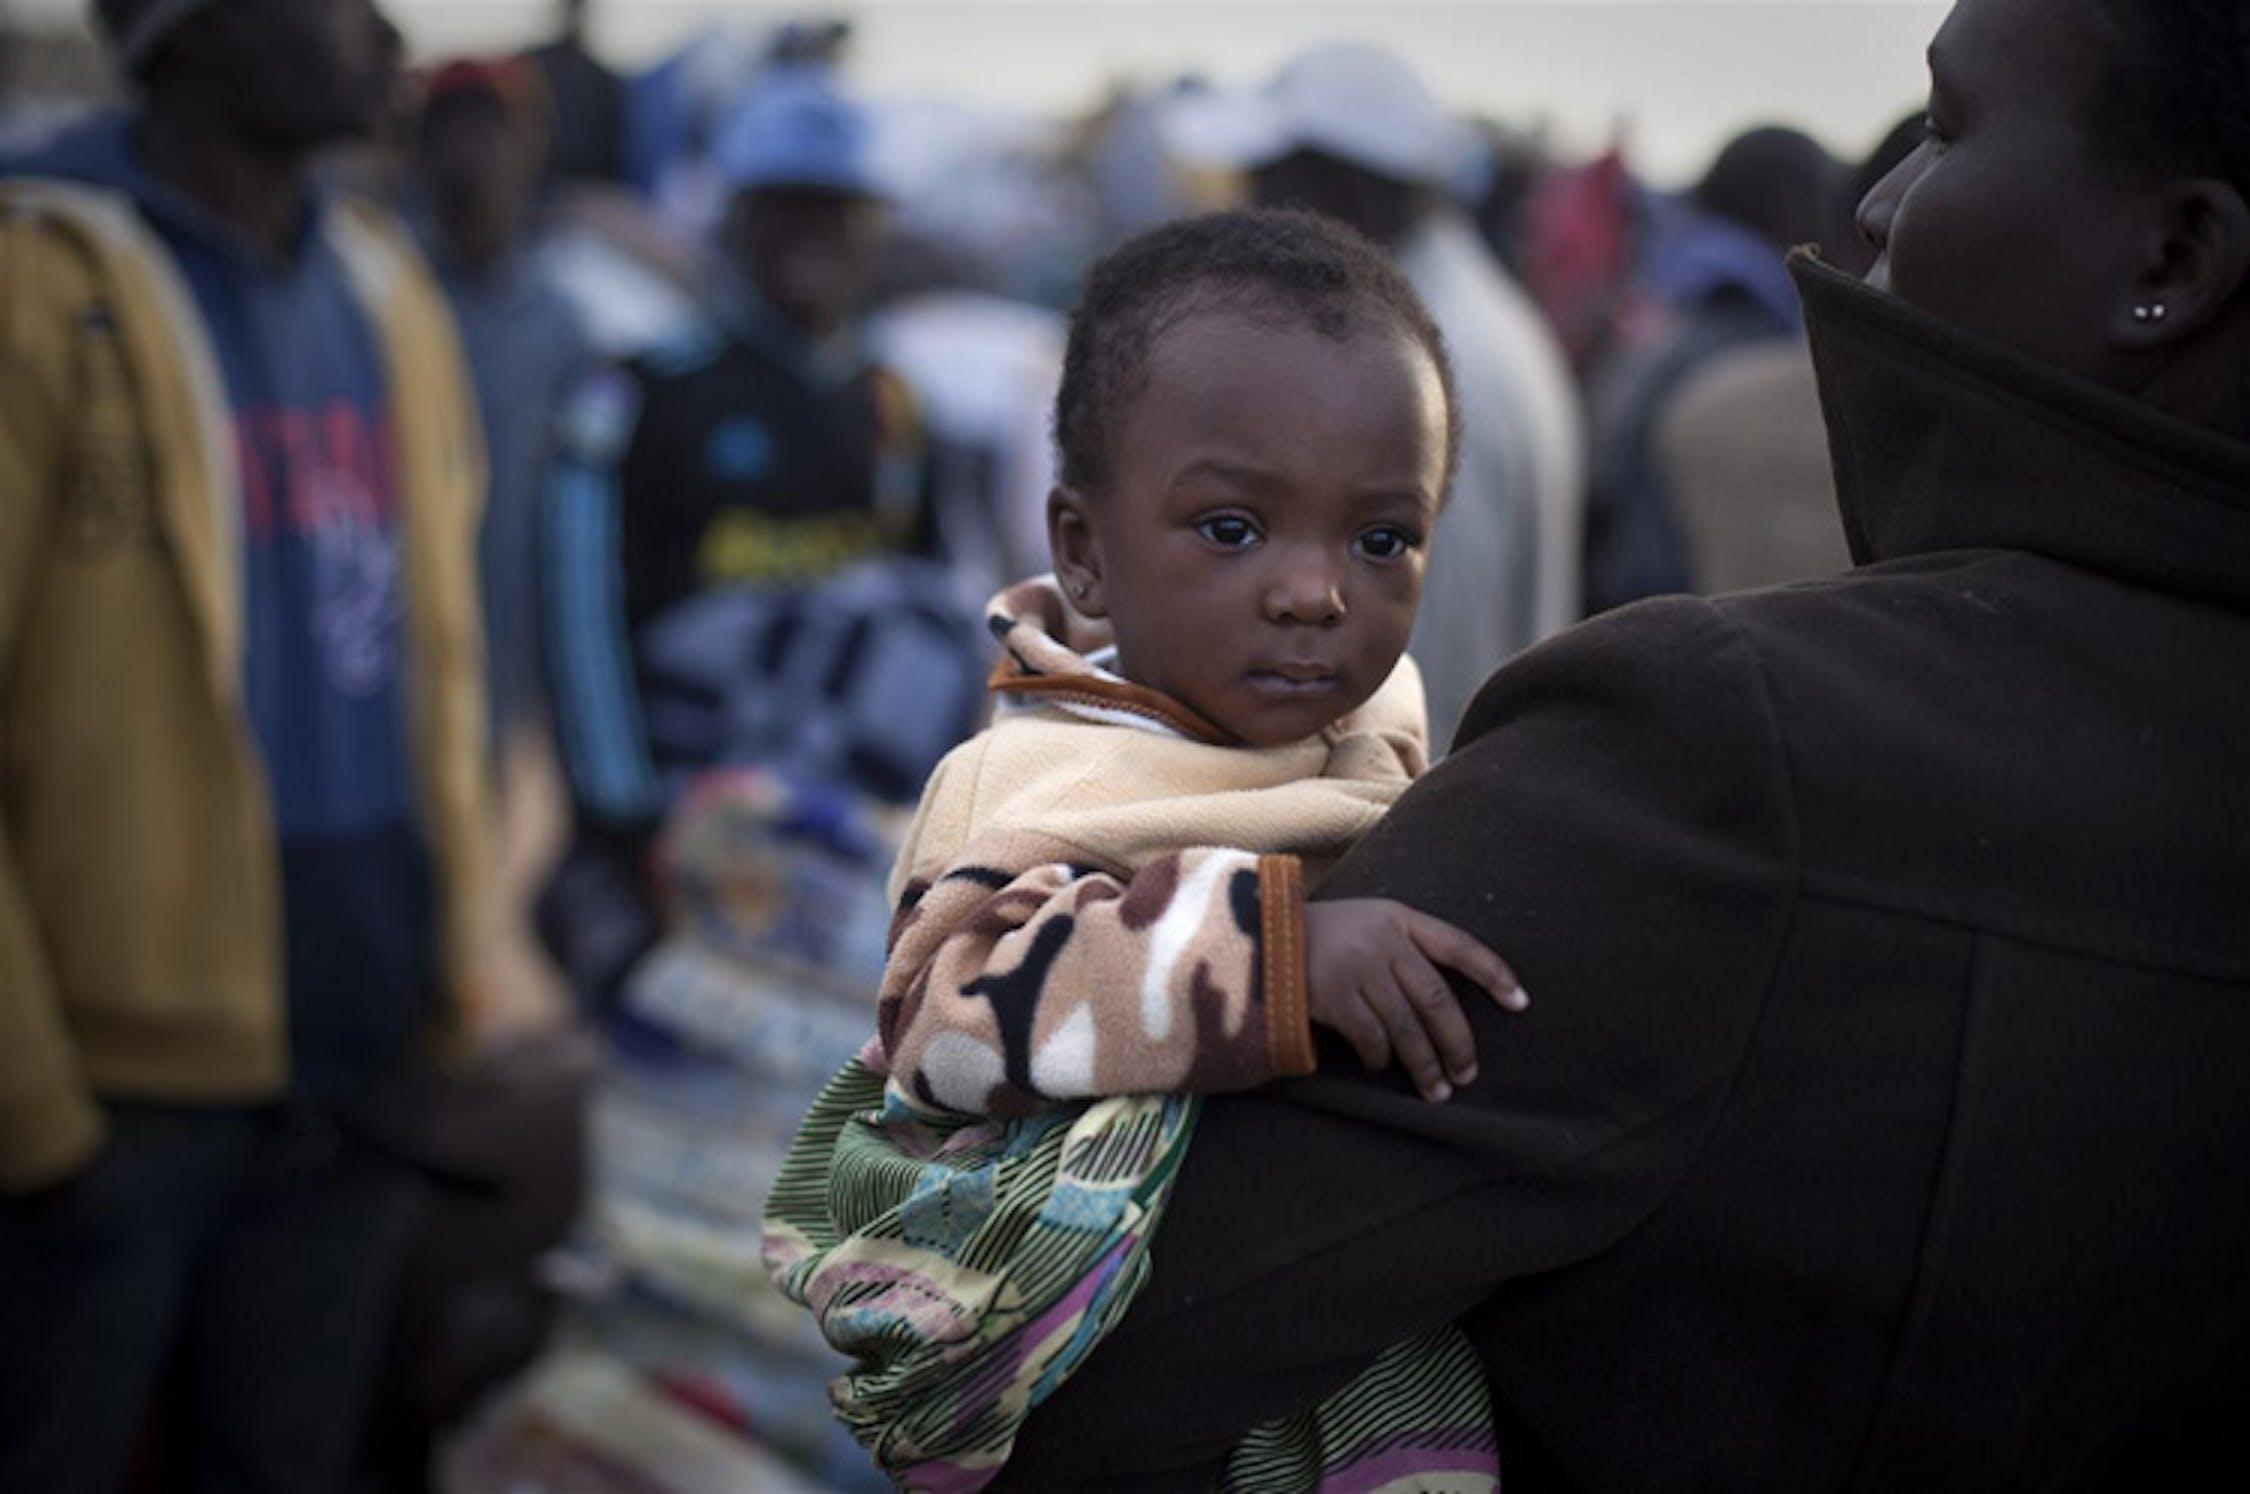 Nadia, 10 mesi, insieme alla sua mamma: fuggite dalla Libia, si trovano in un campo profughi in Tunisia in attesa di essere rimpatriate in Ghana, loro paese di origine - ©UNICEF/NYHQ2011-0505/Ramoneda